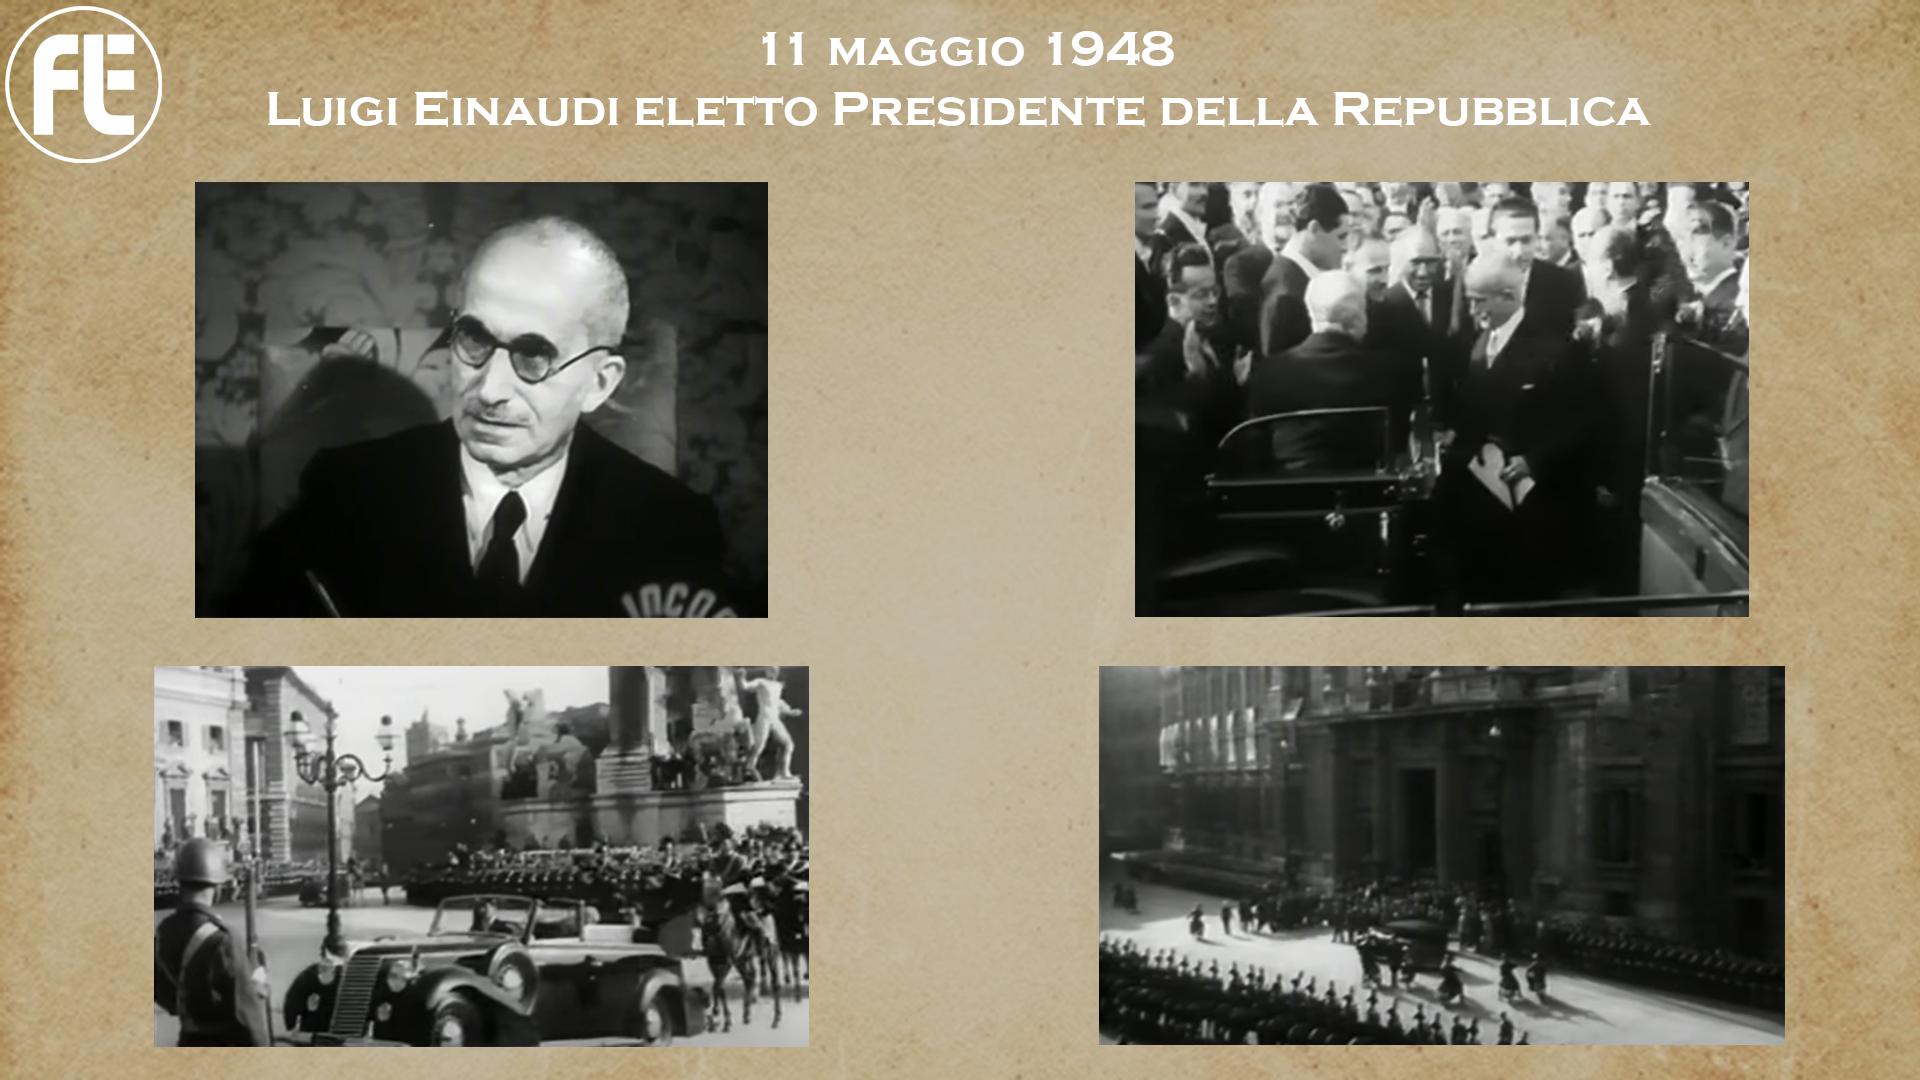 11 maggio 1948 – Luigi Einaudi eletto Presidente della Repubblica